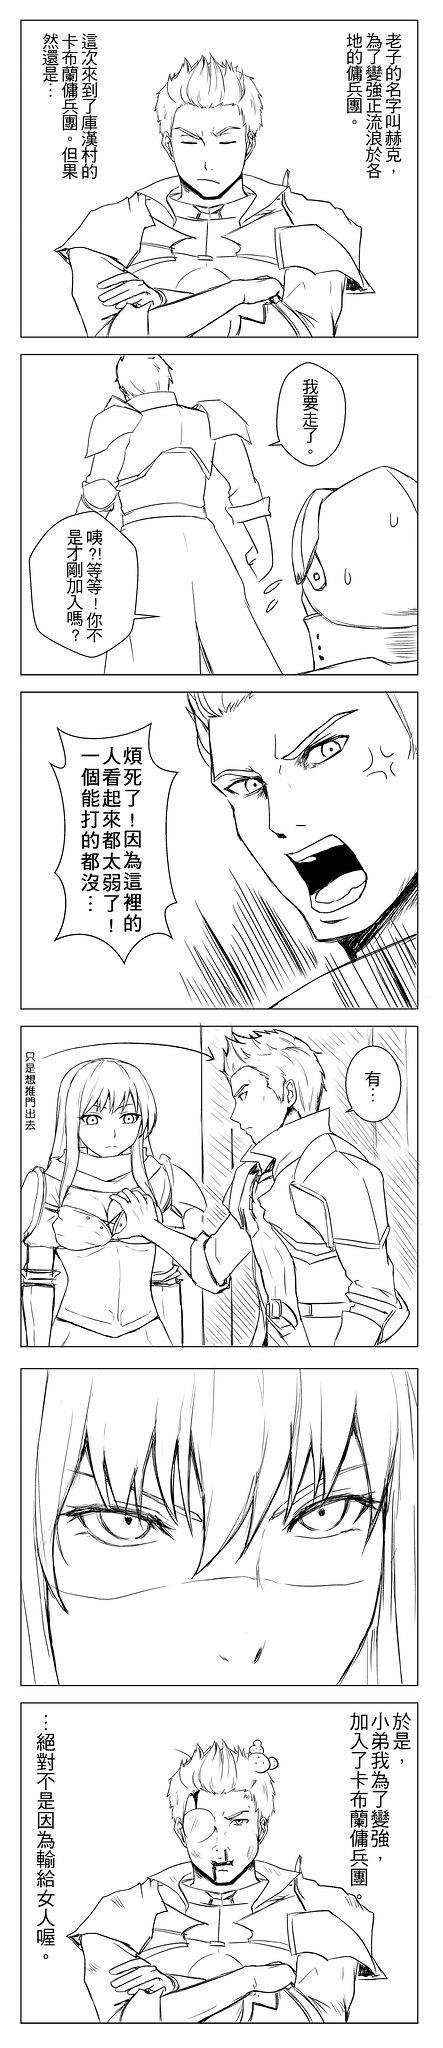 【漫畫】崩壞英雄傳 (9/7 新增:多則輕鬆小品) @新瑪奇英雄傳 哈啦板 - 巴哈姆特